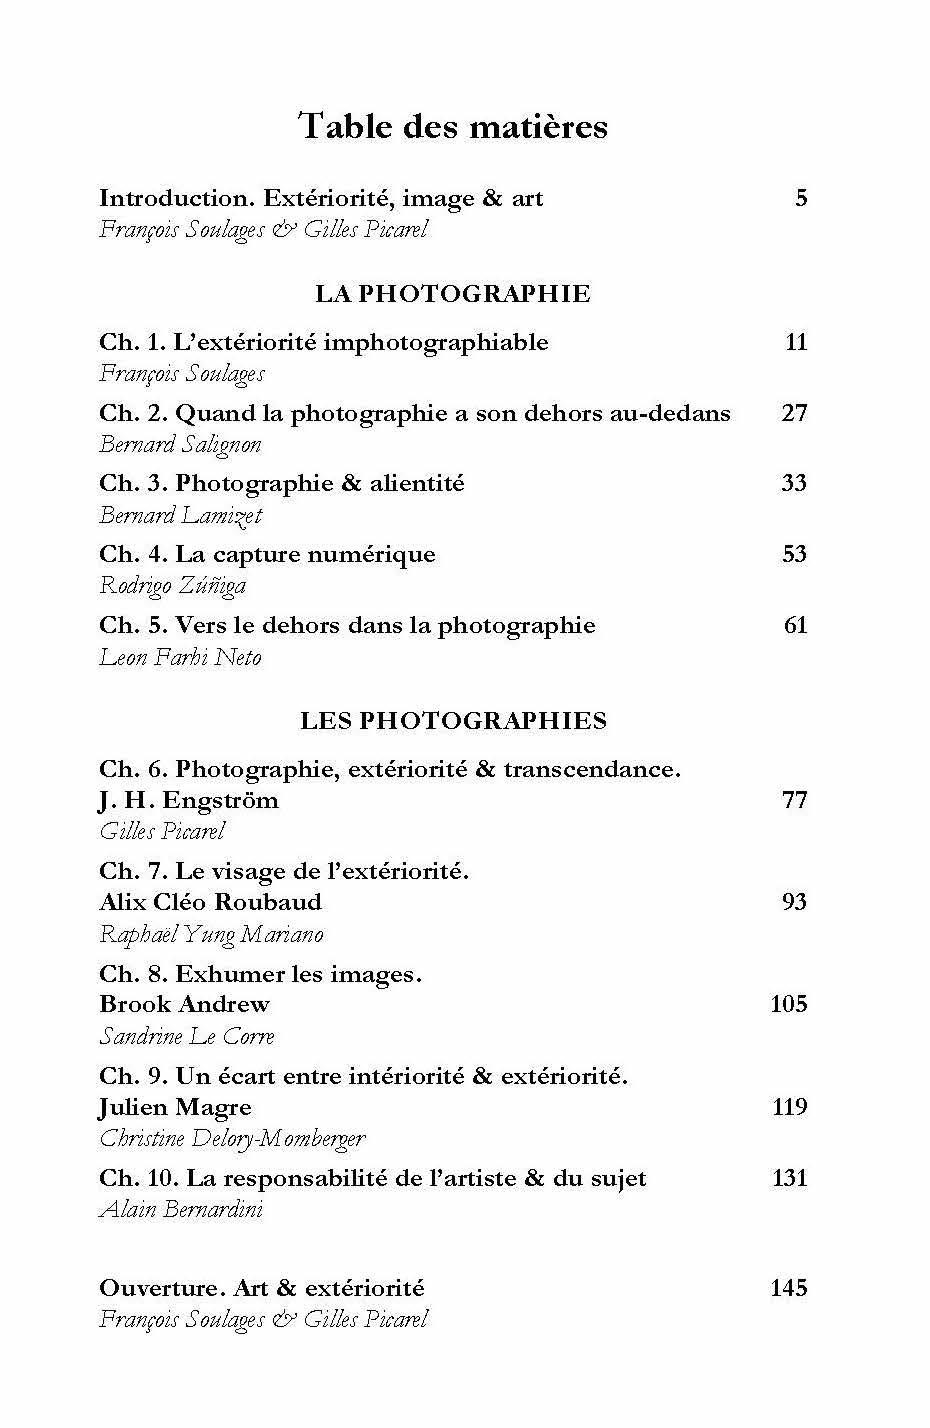 Table des matières de Photographie & extériorité publié chez l'Harmattan sous la direction de Francois Soulages et Gilles Picarel